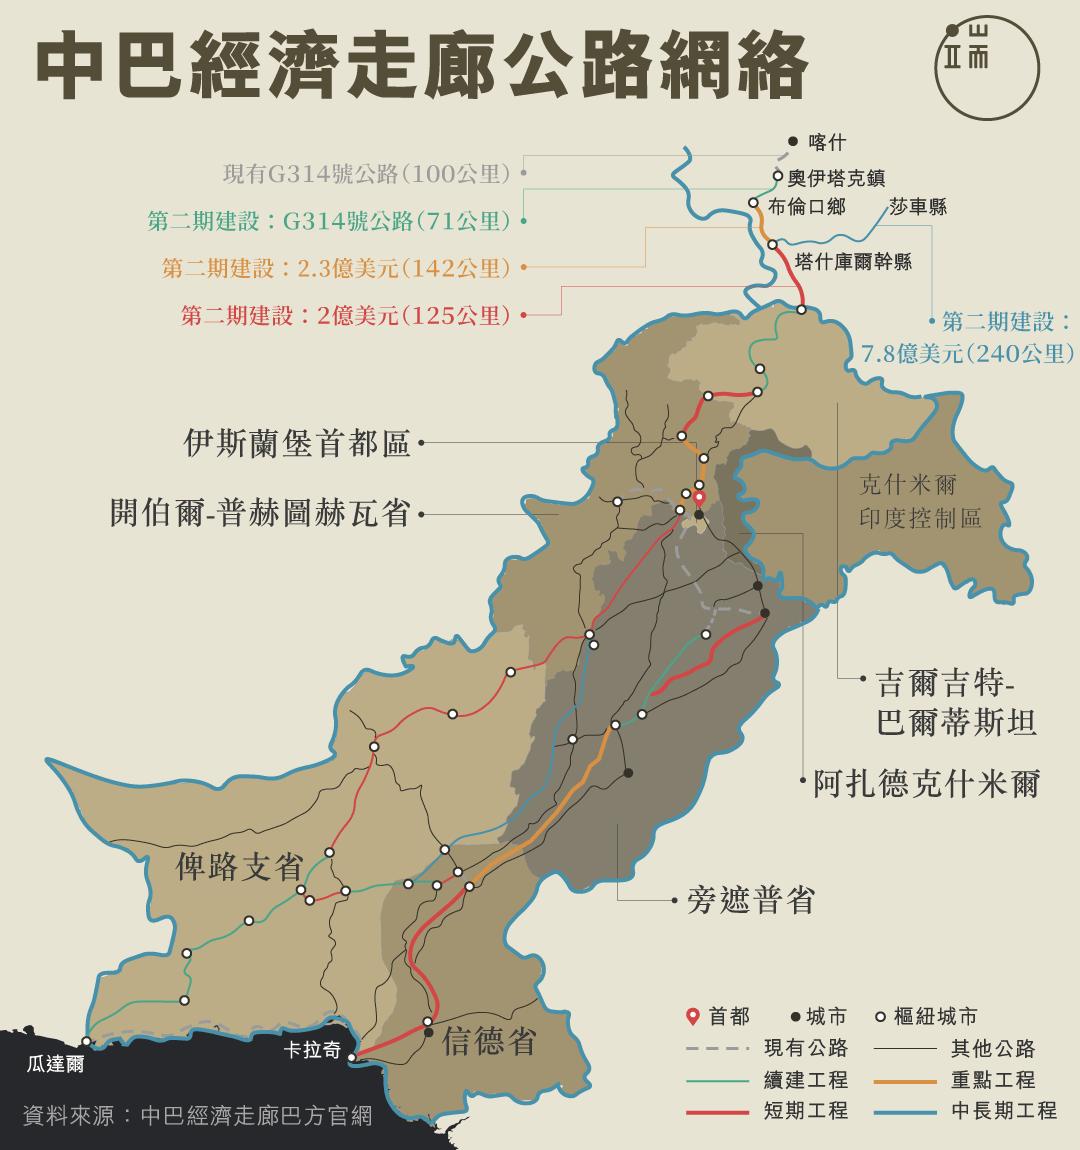 中巴經濟走廊公路網絡